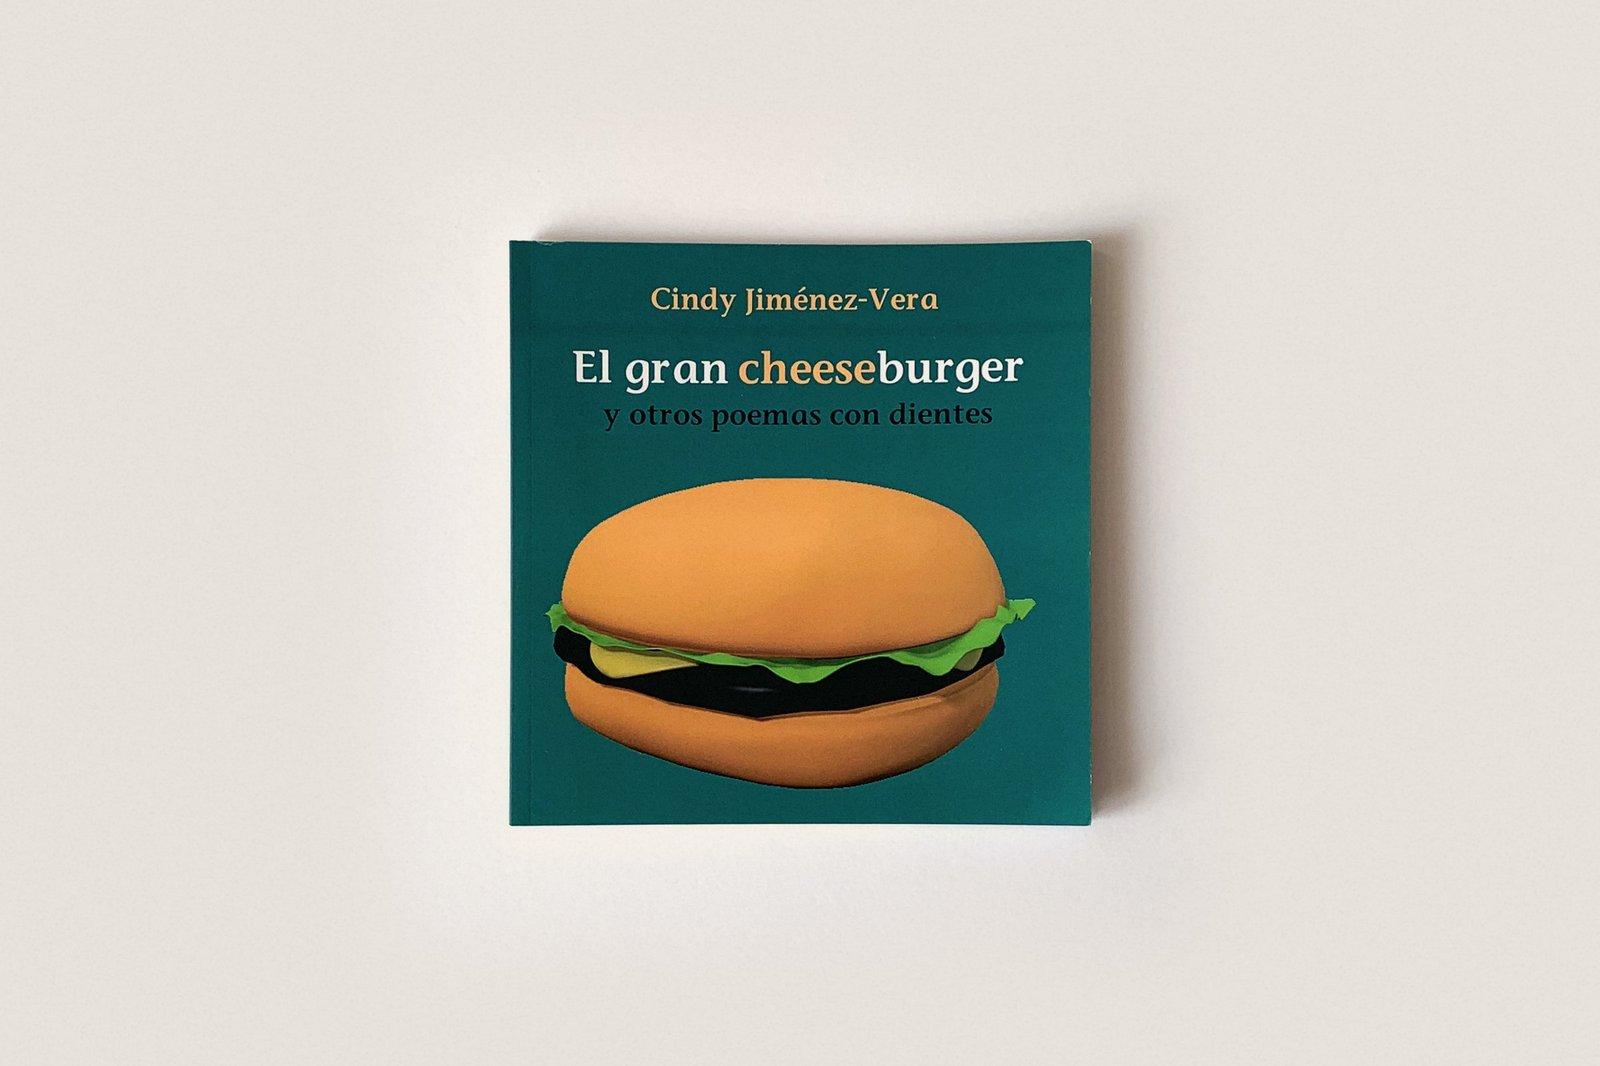 Libro: El gran cheeseburger y otros poemas con dientes — Cindy Jiménez-Vera